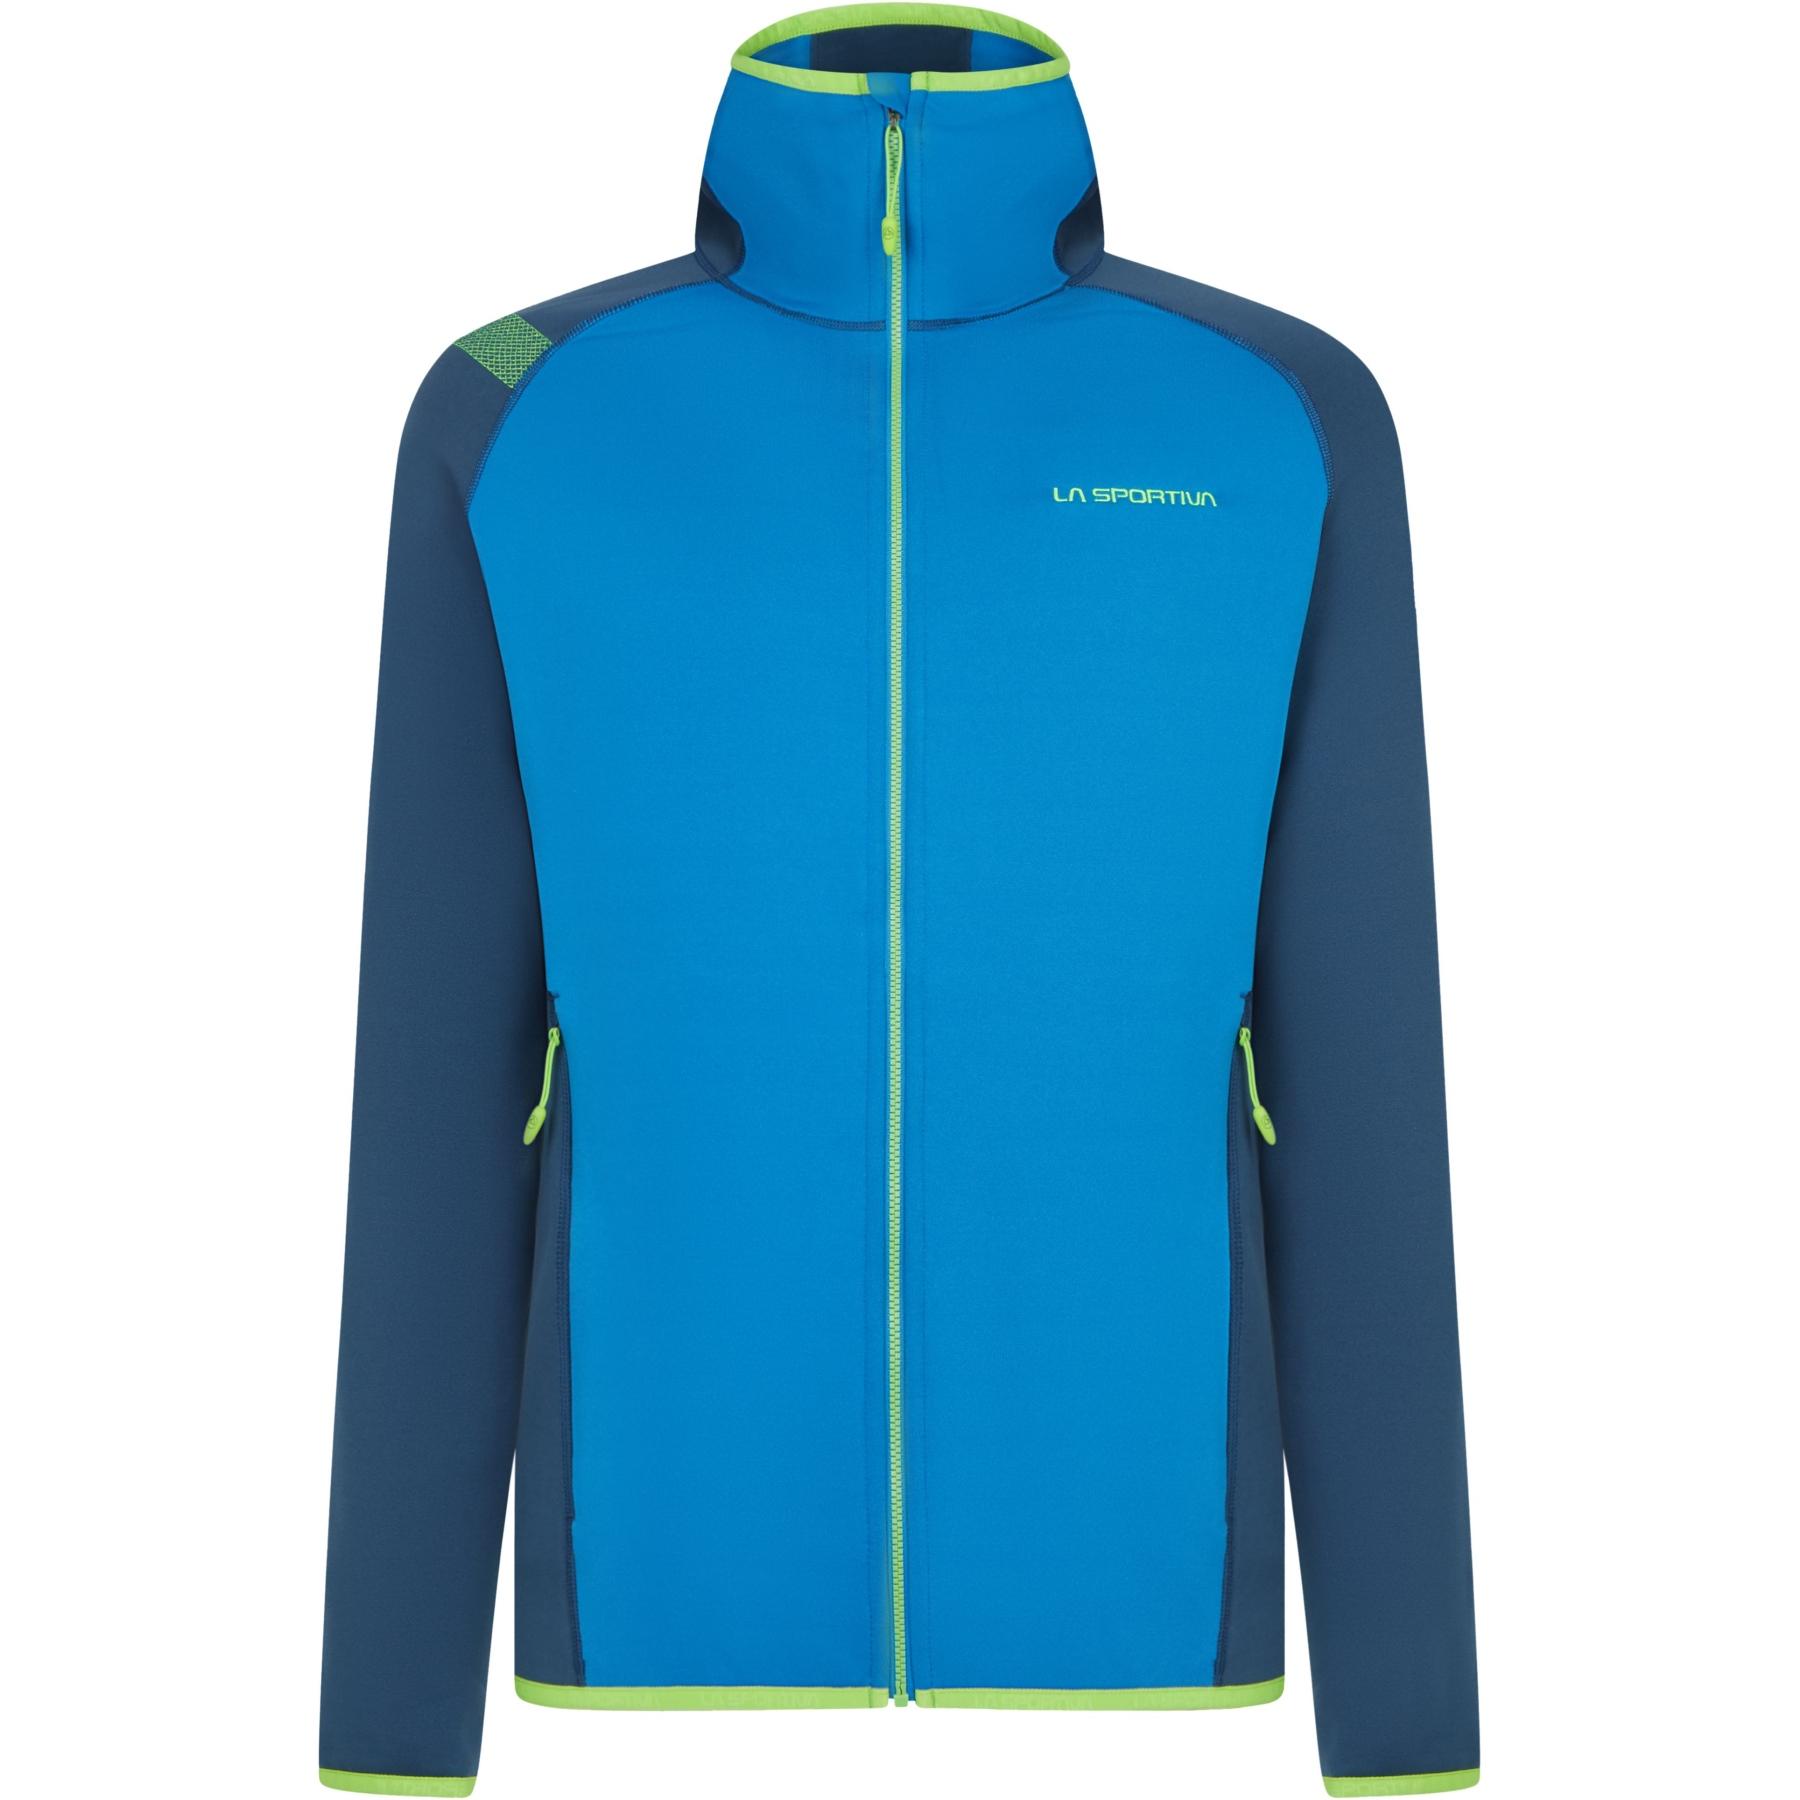 La Sportiva Gemini Hoody Jacket - Aquarius/Opal